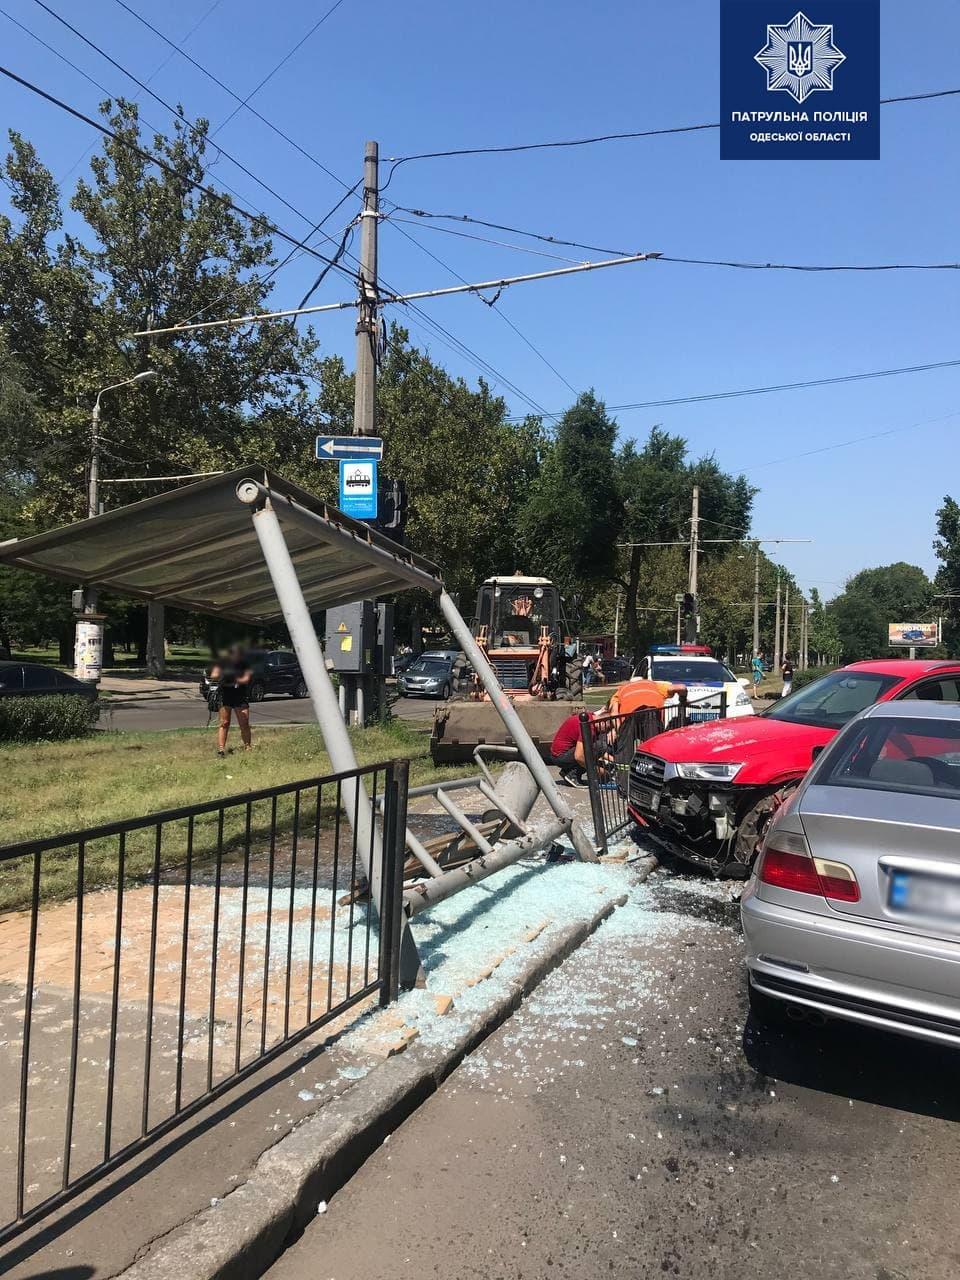 В Одессе водитель BMW влетел в остановку: есть пострадавшие